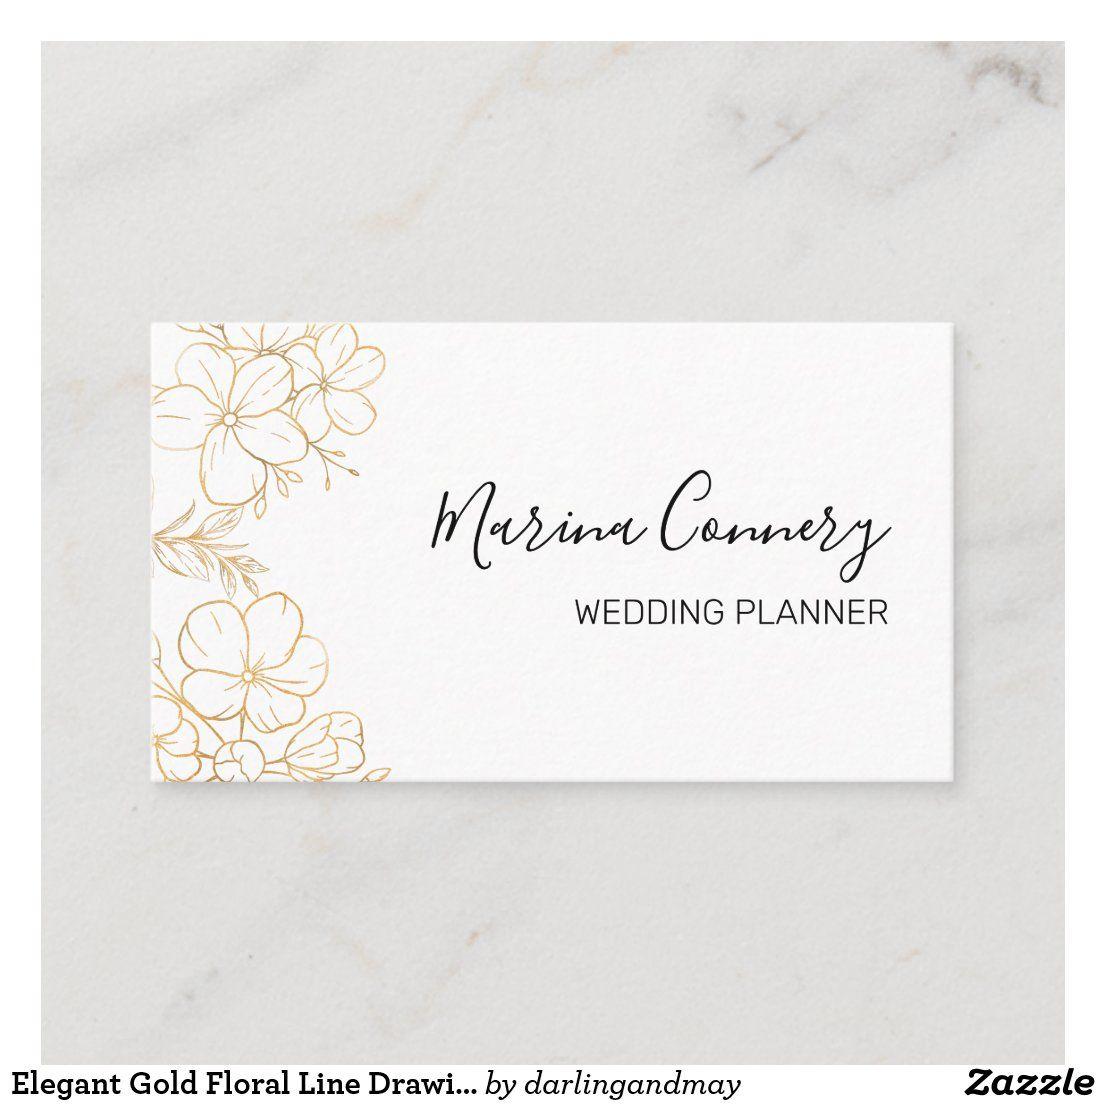 Elegant gold floral line drawing wedding planner business